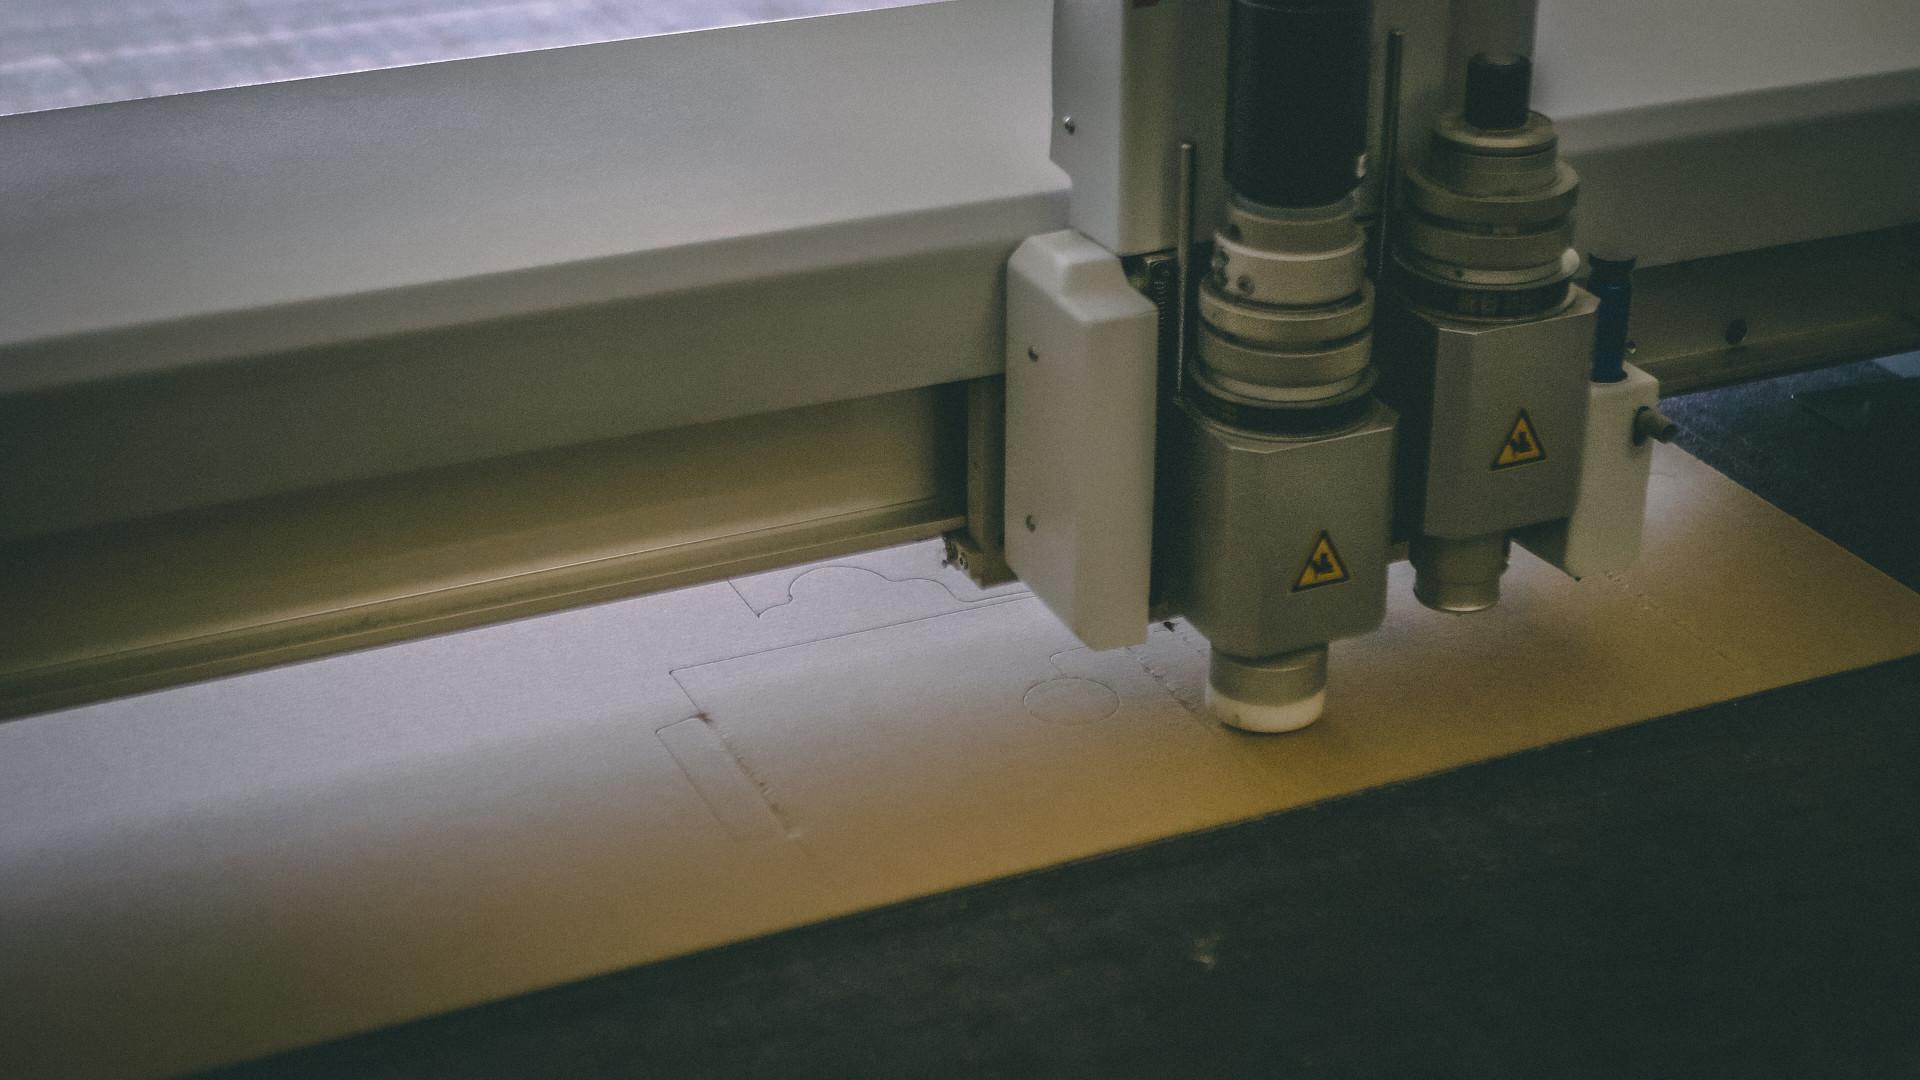 prototypage packaging sur mesure 3D avec decoupe laser